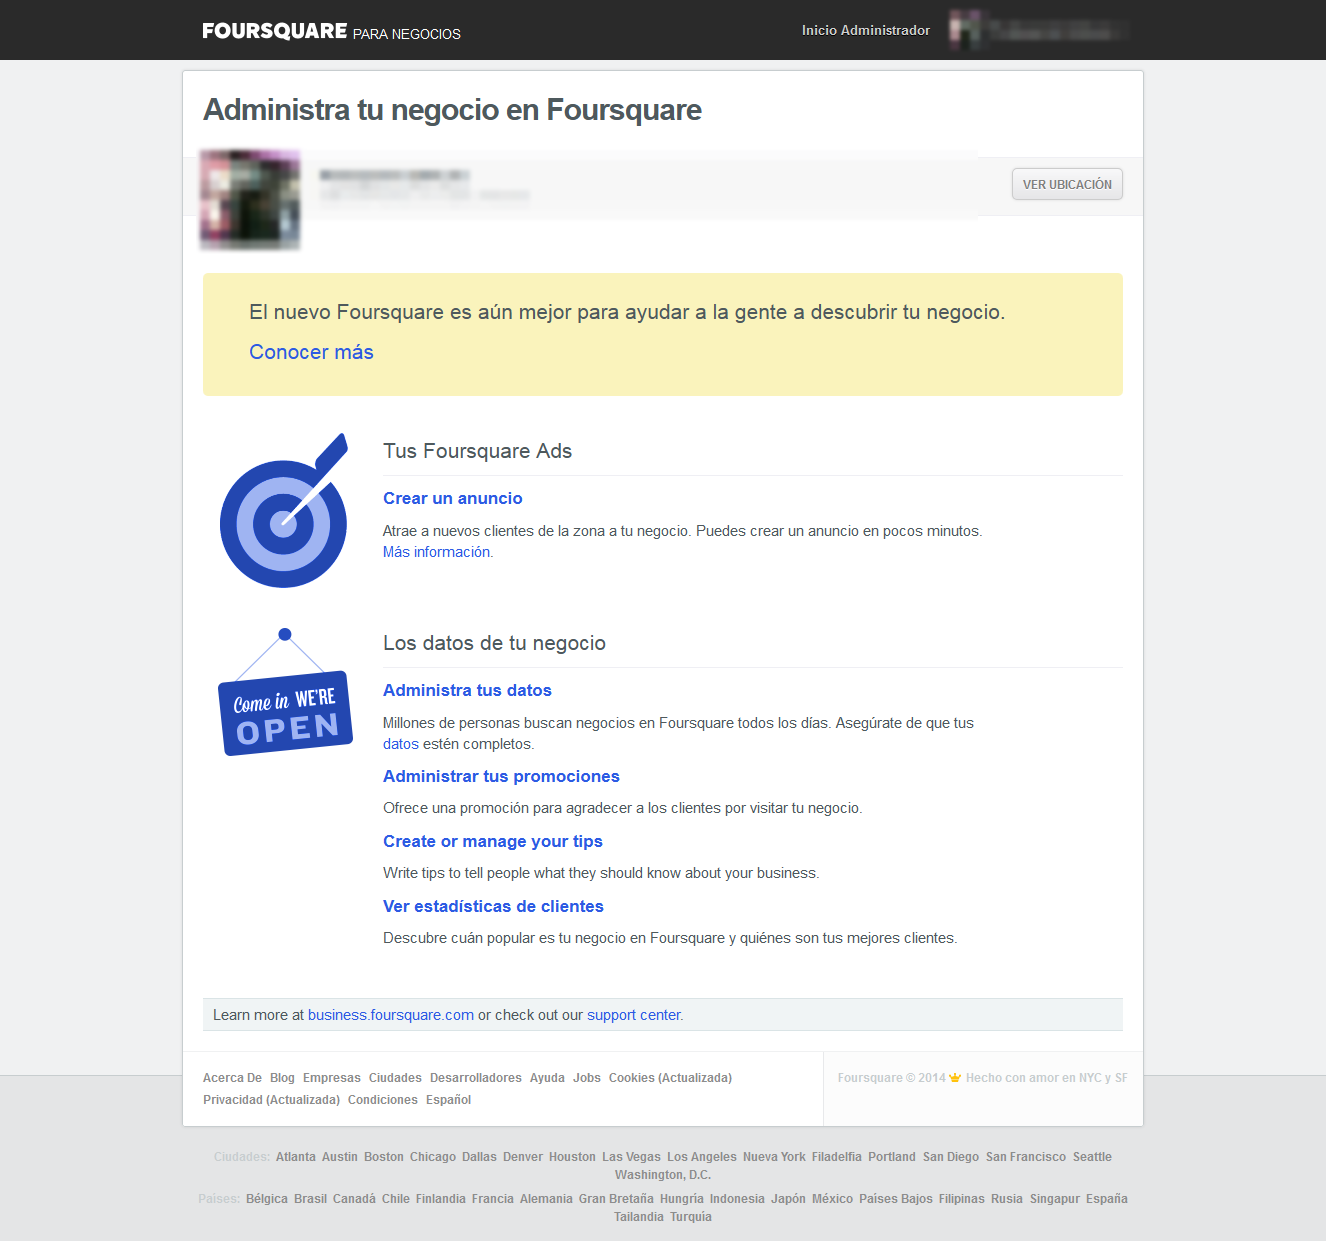 Administrador de Foursquare